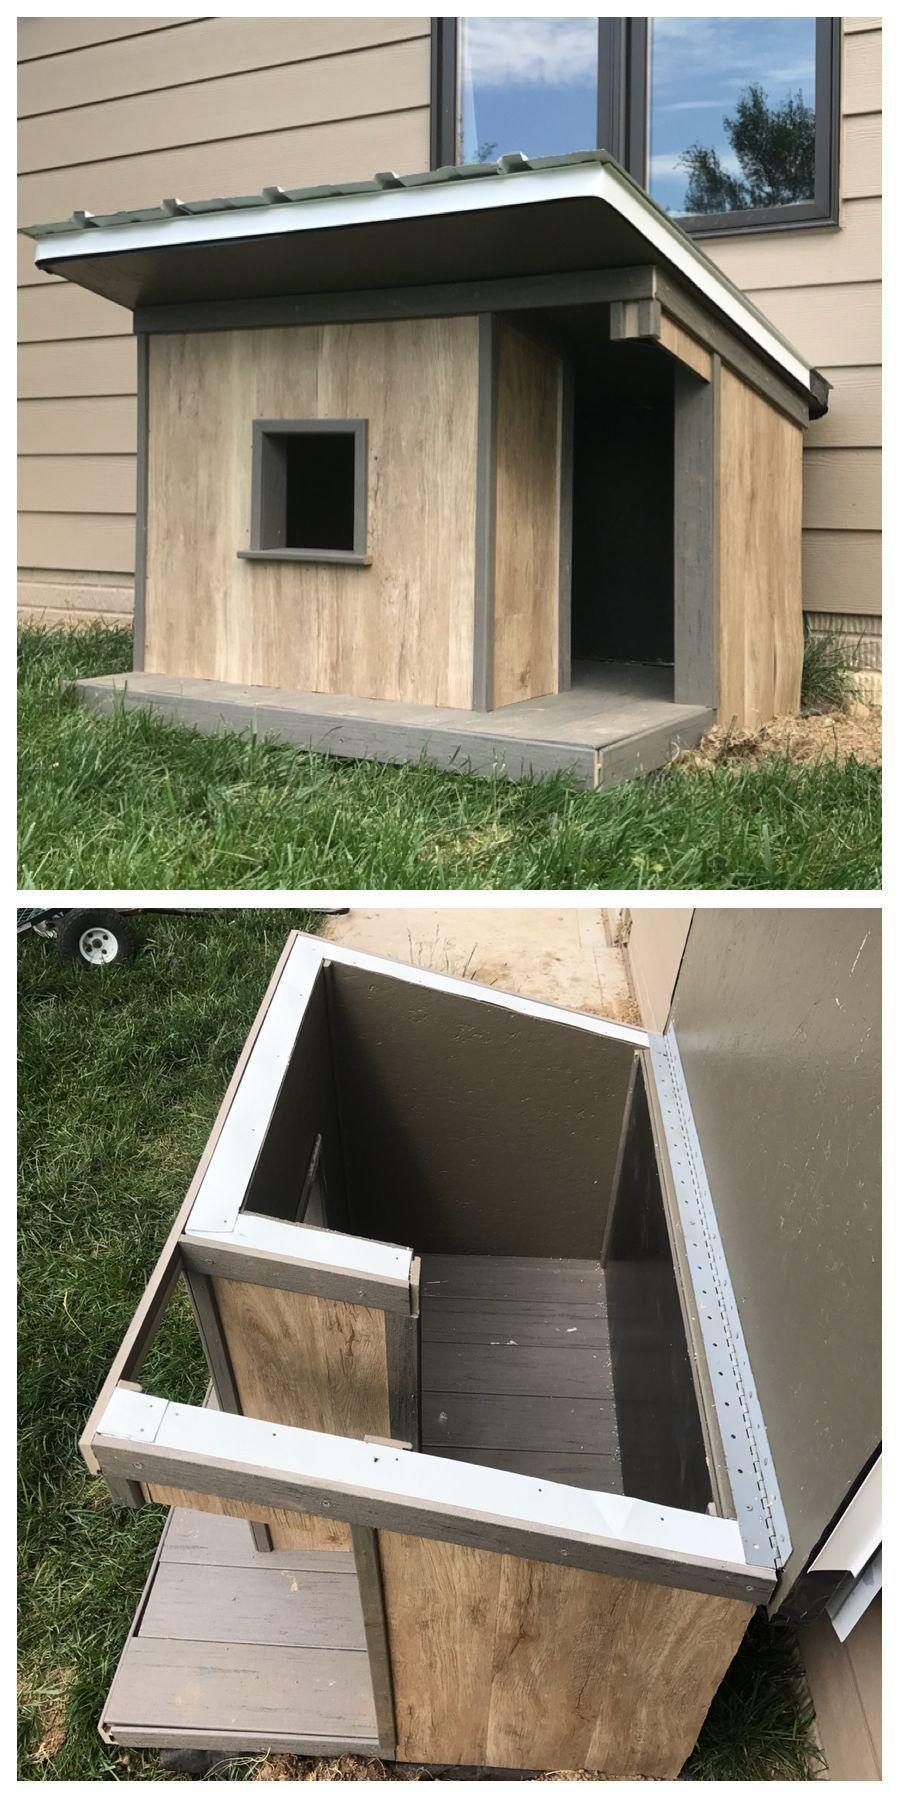 Building Diy Dog Houses Insulated Dog House Large Dog House Dog House With Porch Large outdoor dog house ideas